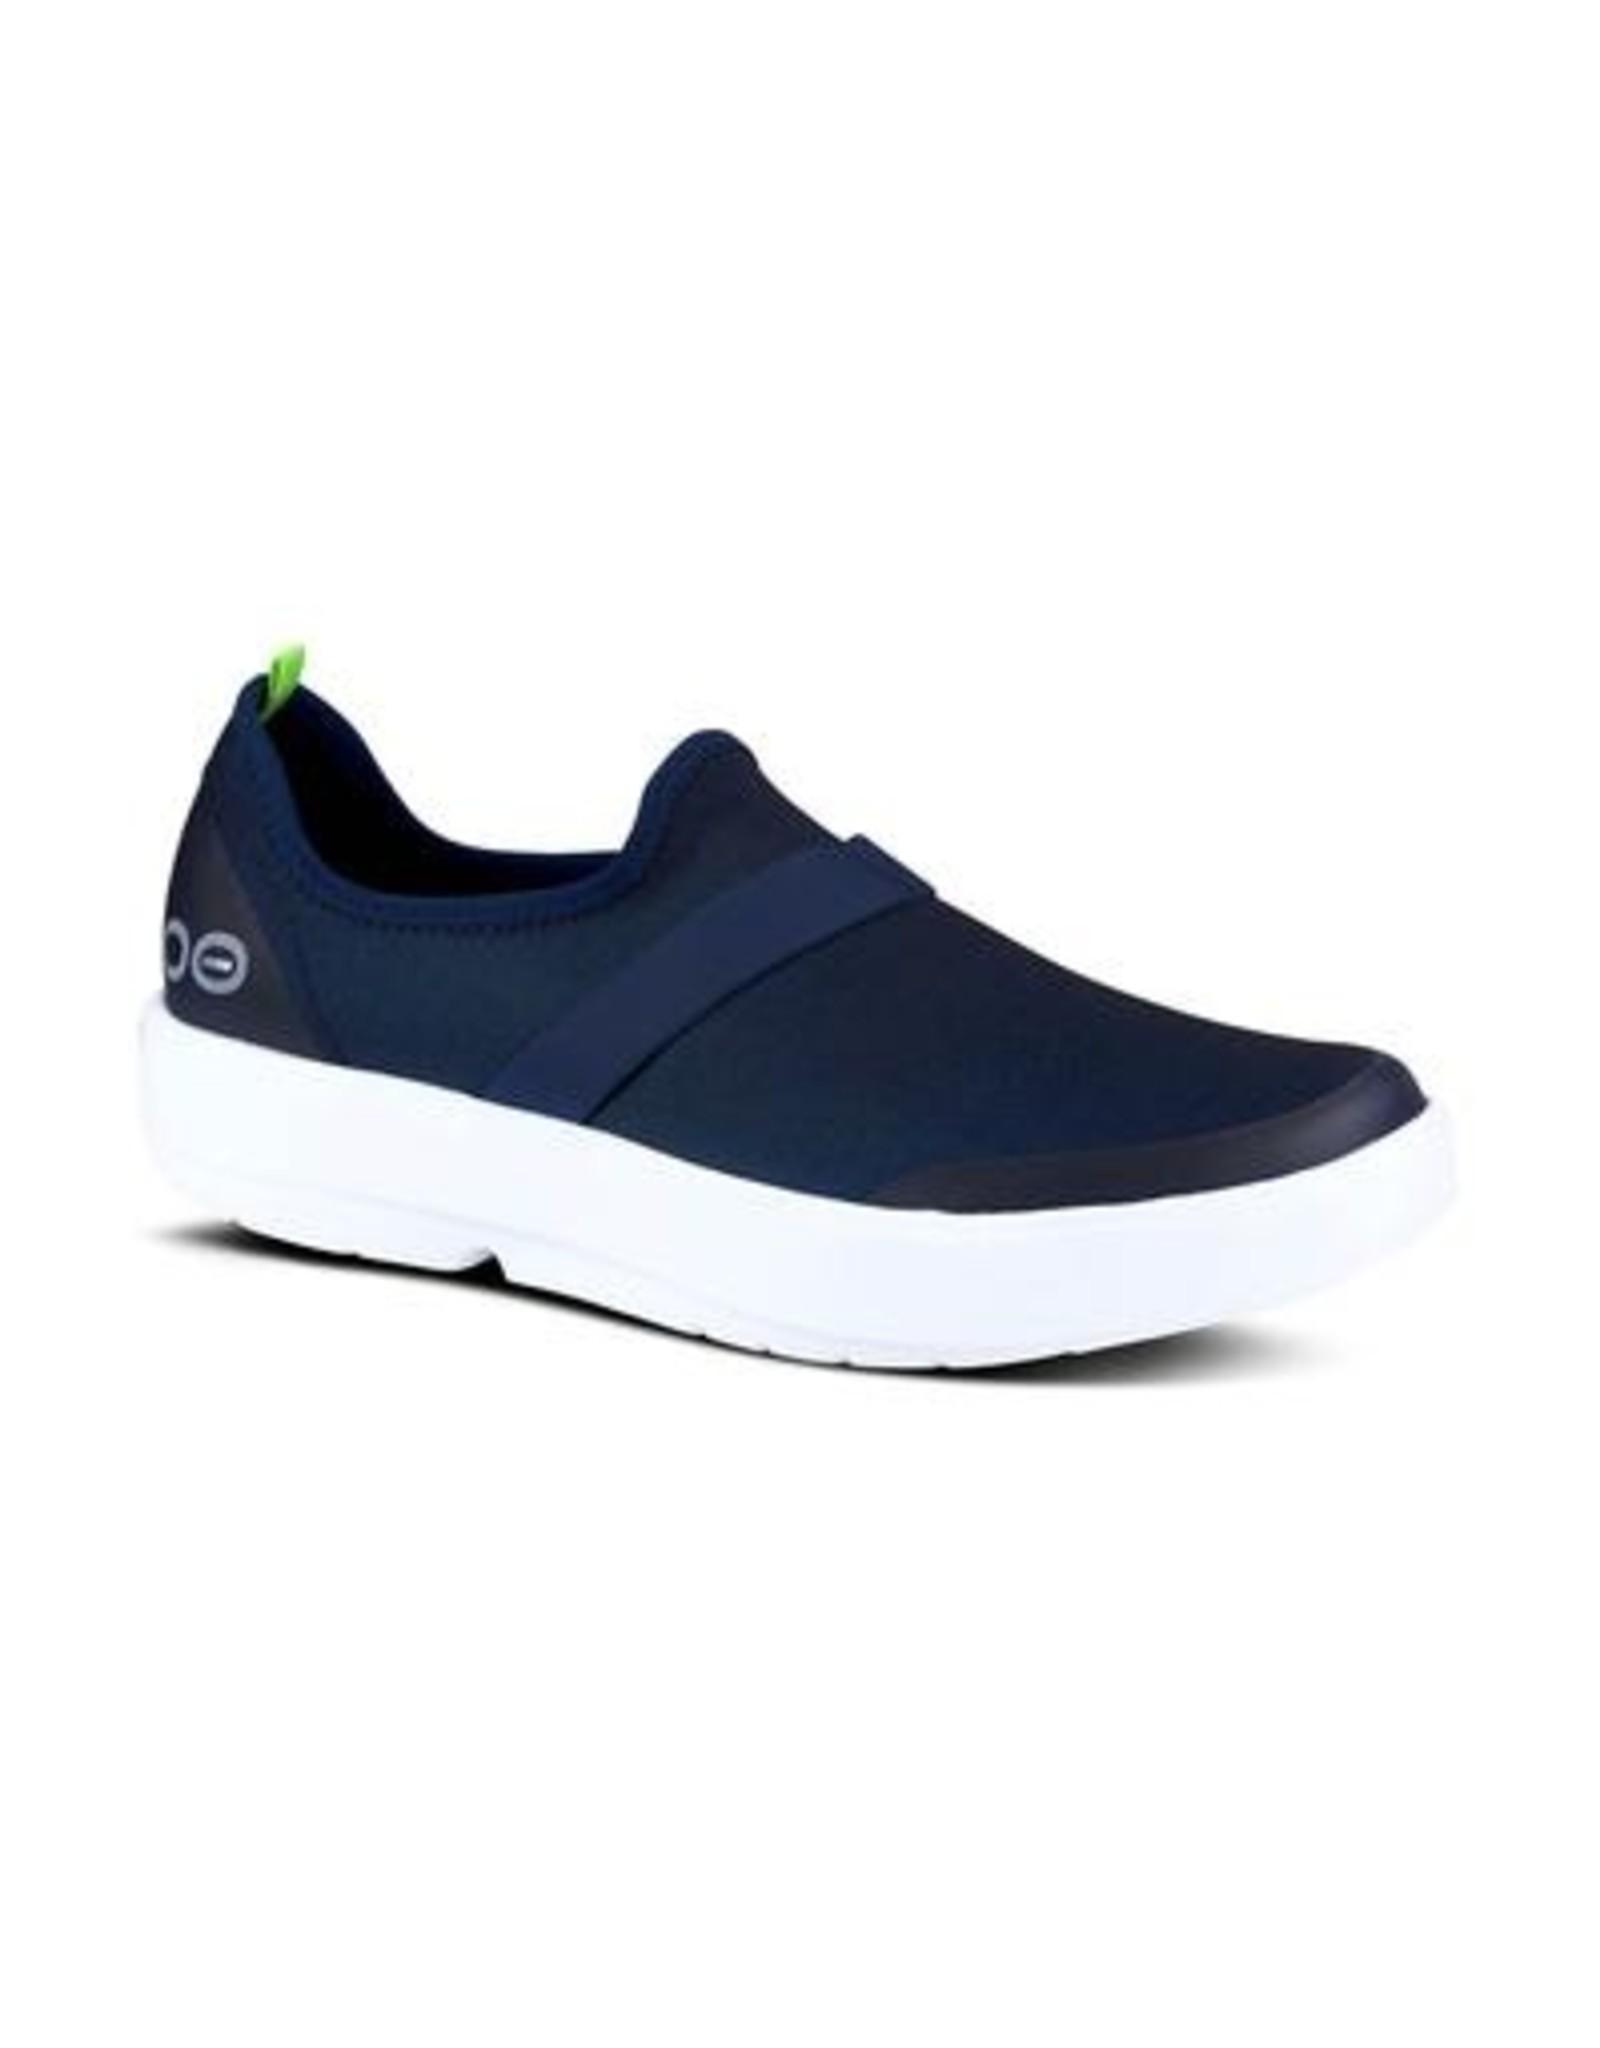 OOFOS OOmg Fibre Shoes Women's